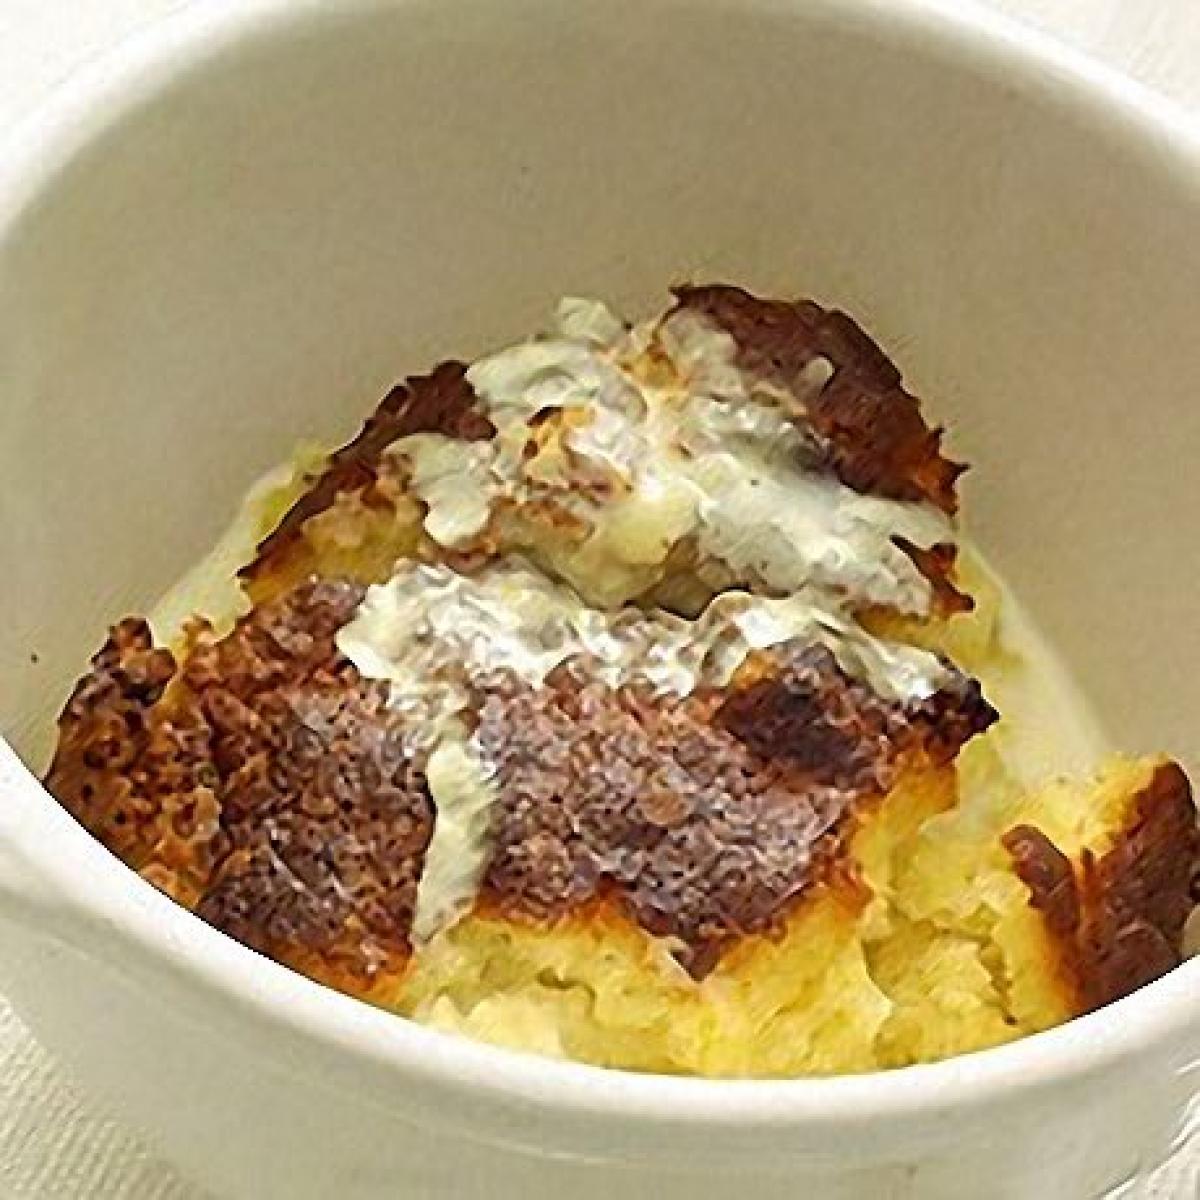 A picture of Delia's Hot Citrus Pudding recipe